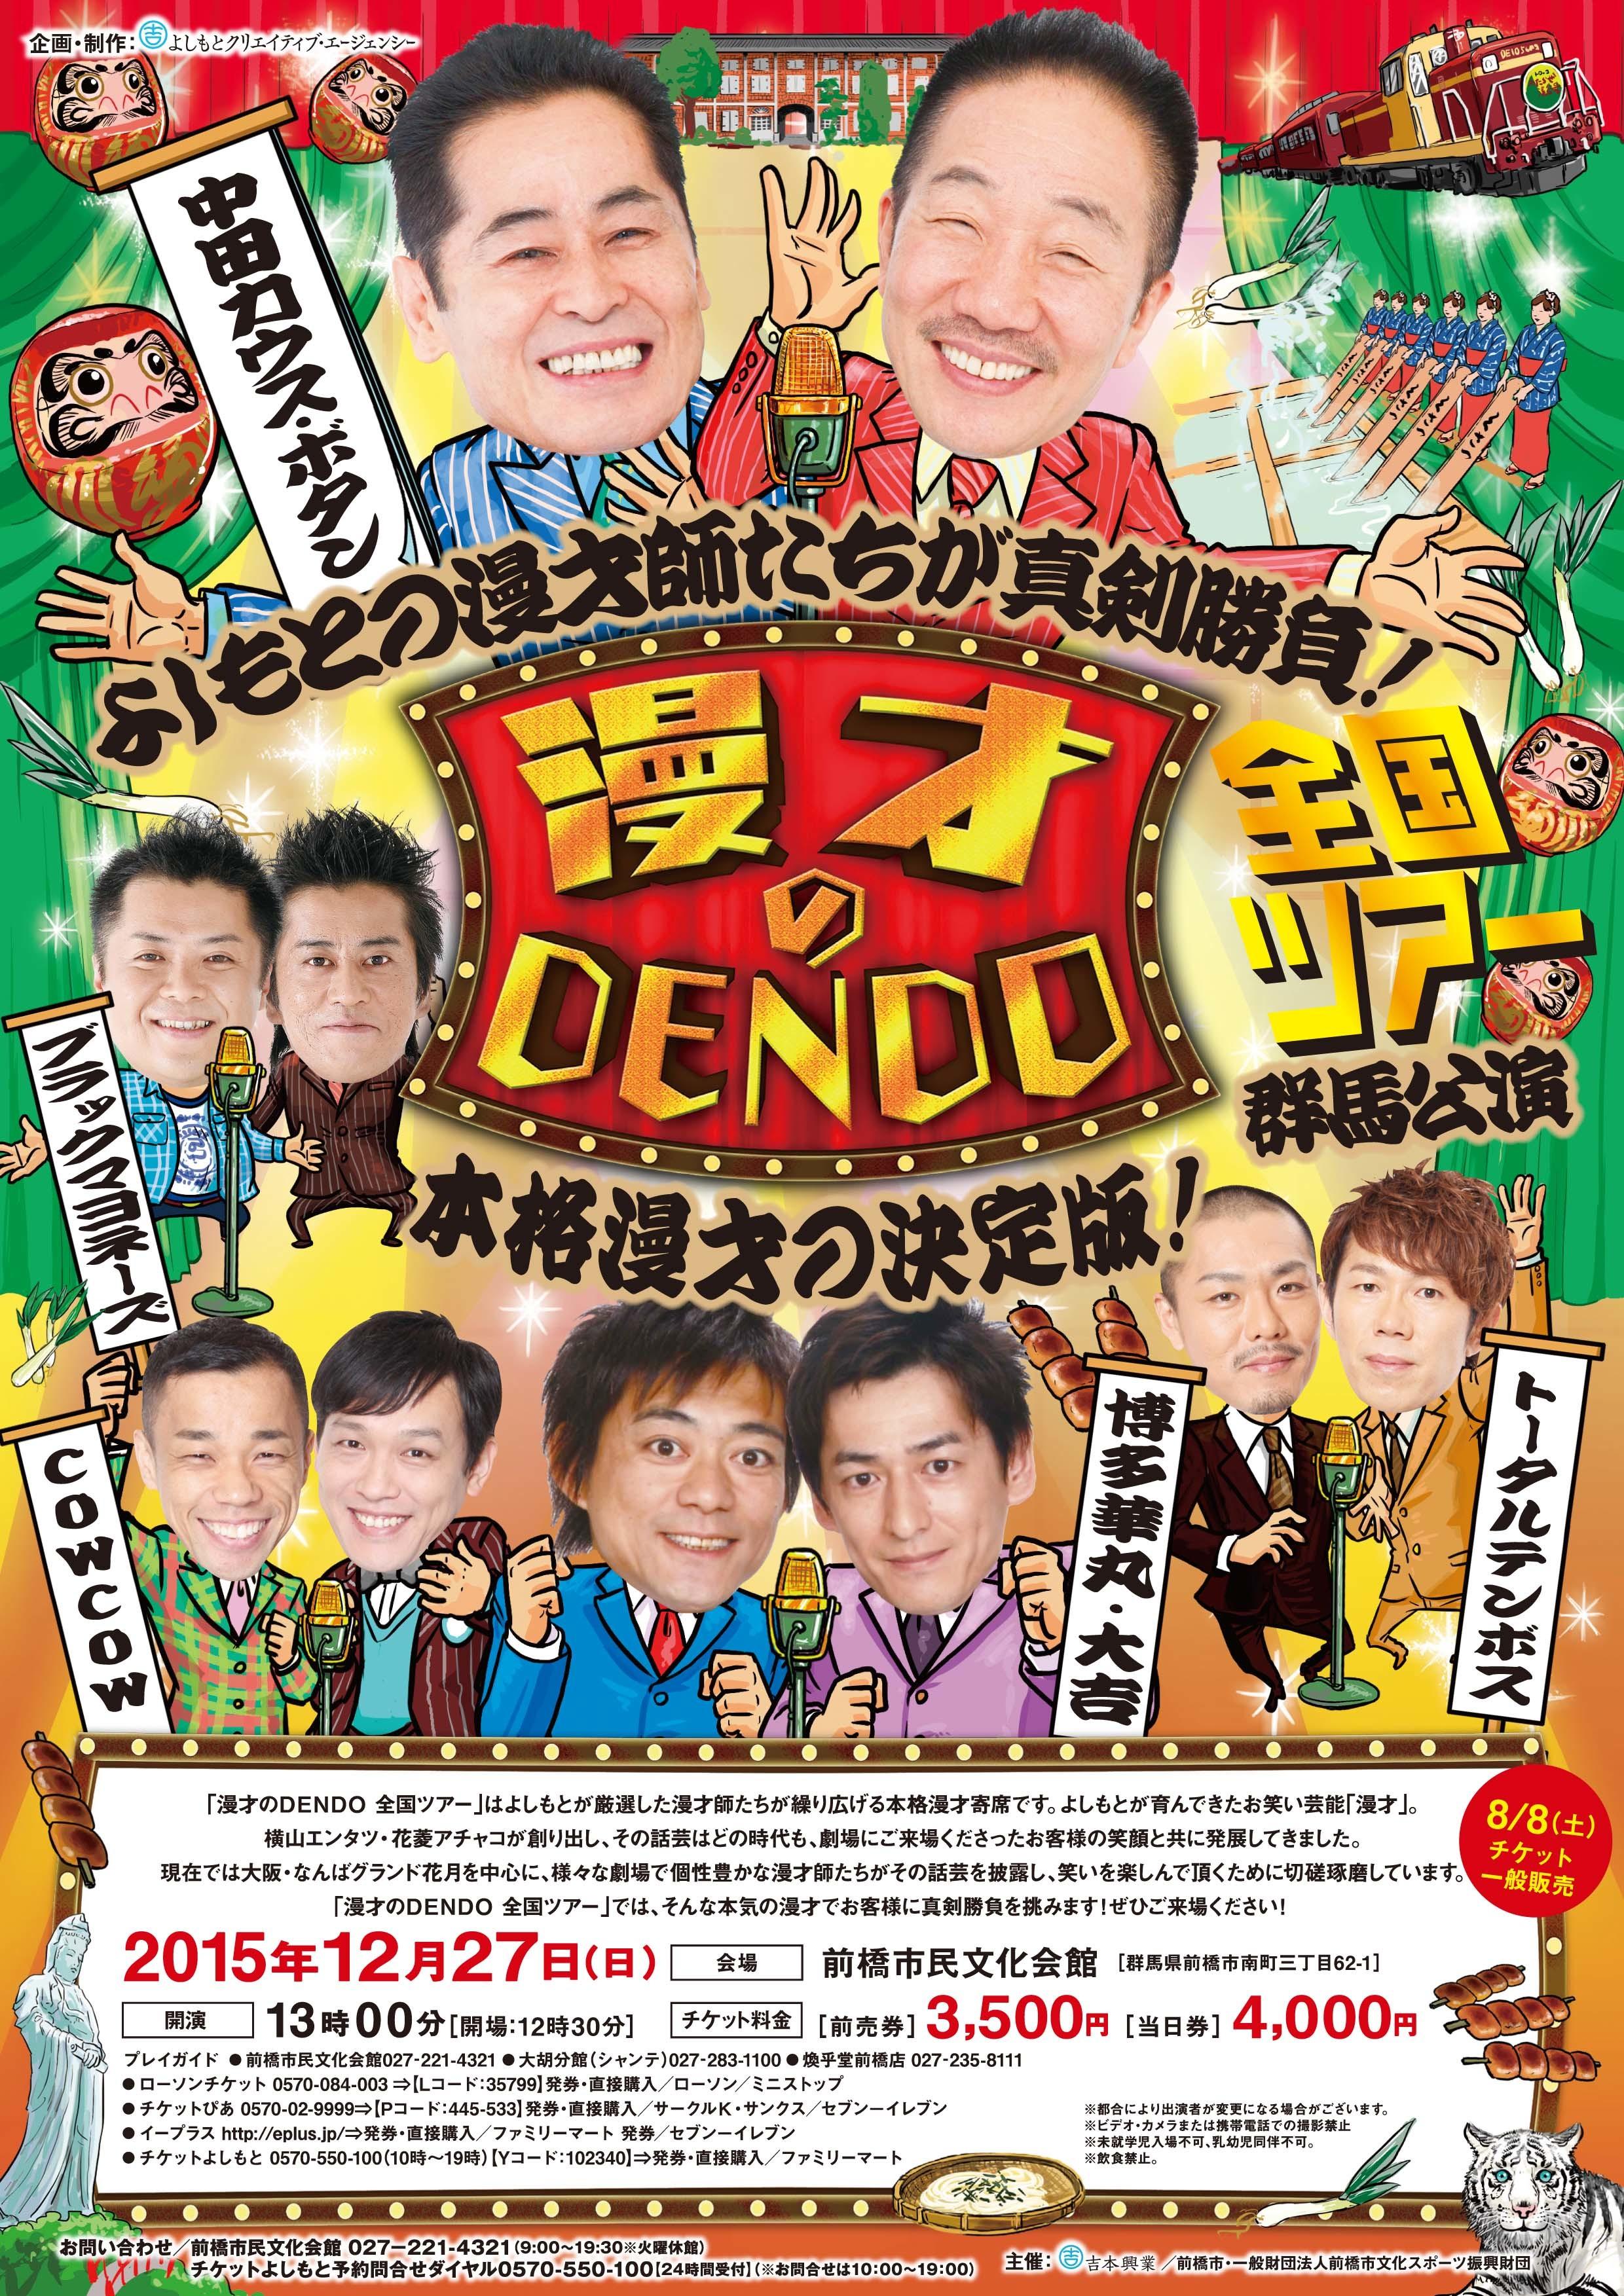 http://www.syumatsu.jp/photos/uncategorized/2015/07/15/20150715151239-a35c429fa5b6f977722e1f1ecd8a9b09467f1fe6.jpg